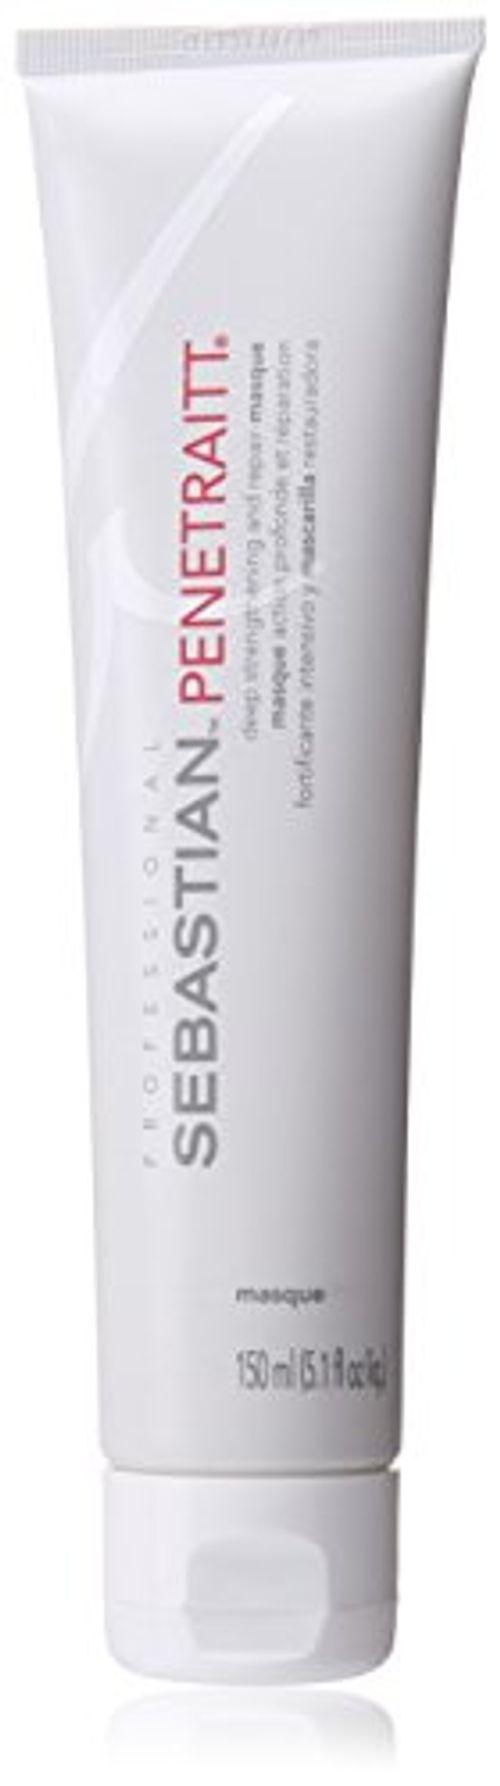 photo Wallpaper of Sebastian-Sebastian Penetraitt Deep Repair Masque   150 Ml-